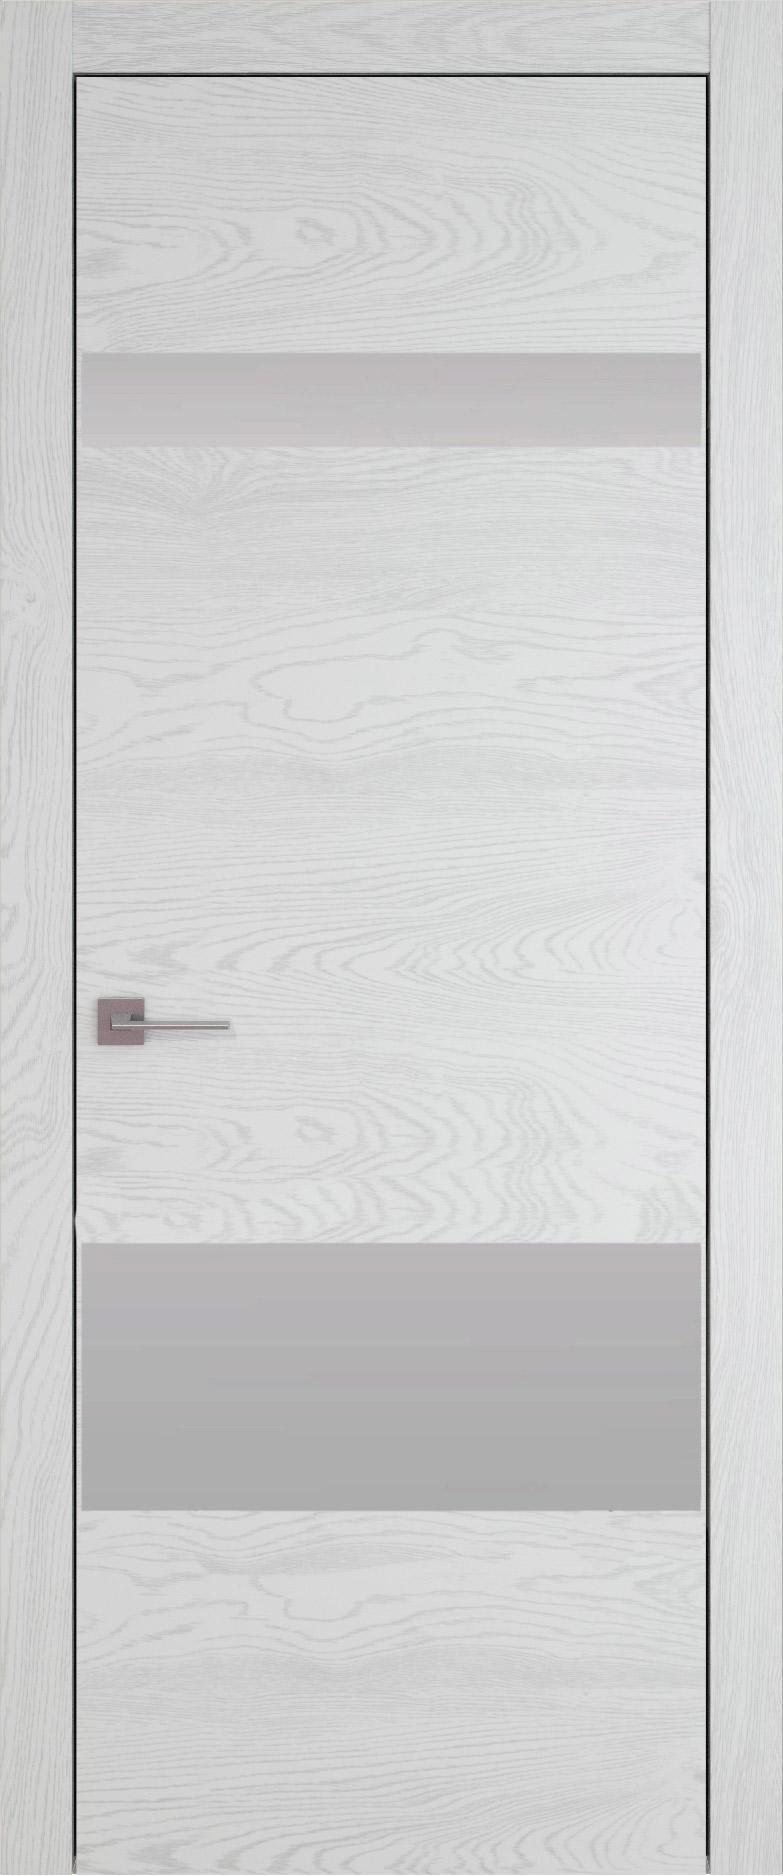 Tivoli К-4 цвет - Белый ясень (шпон) Без стекла (ДГ)